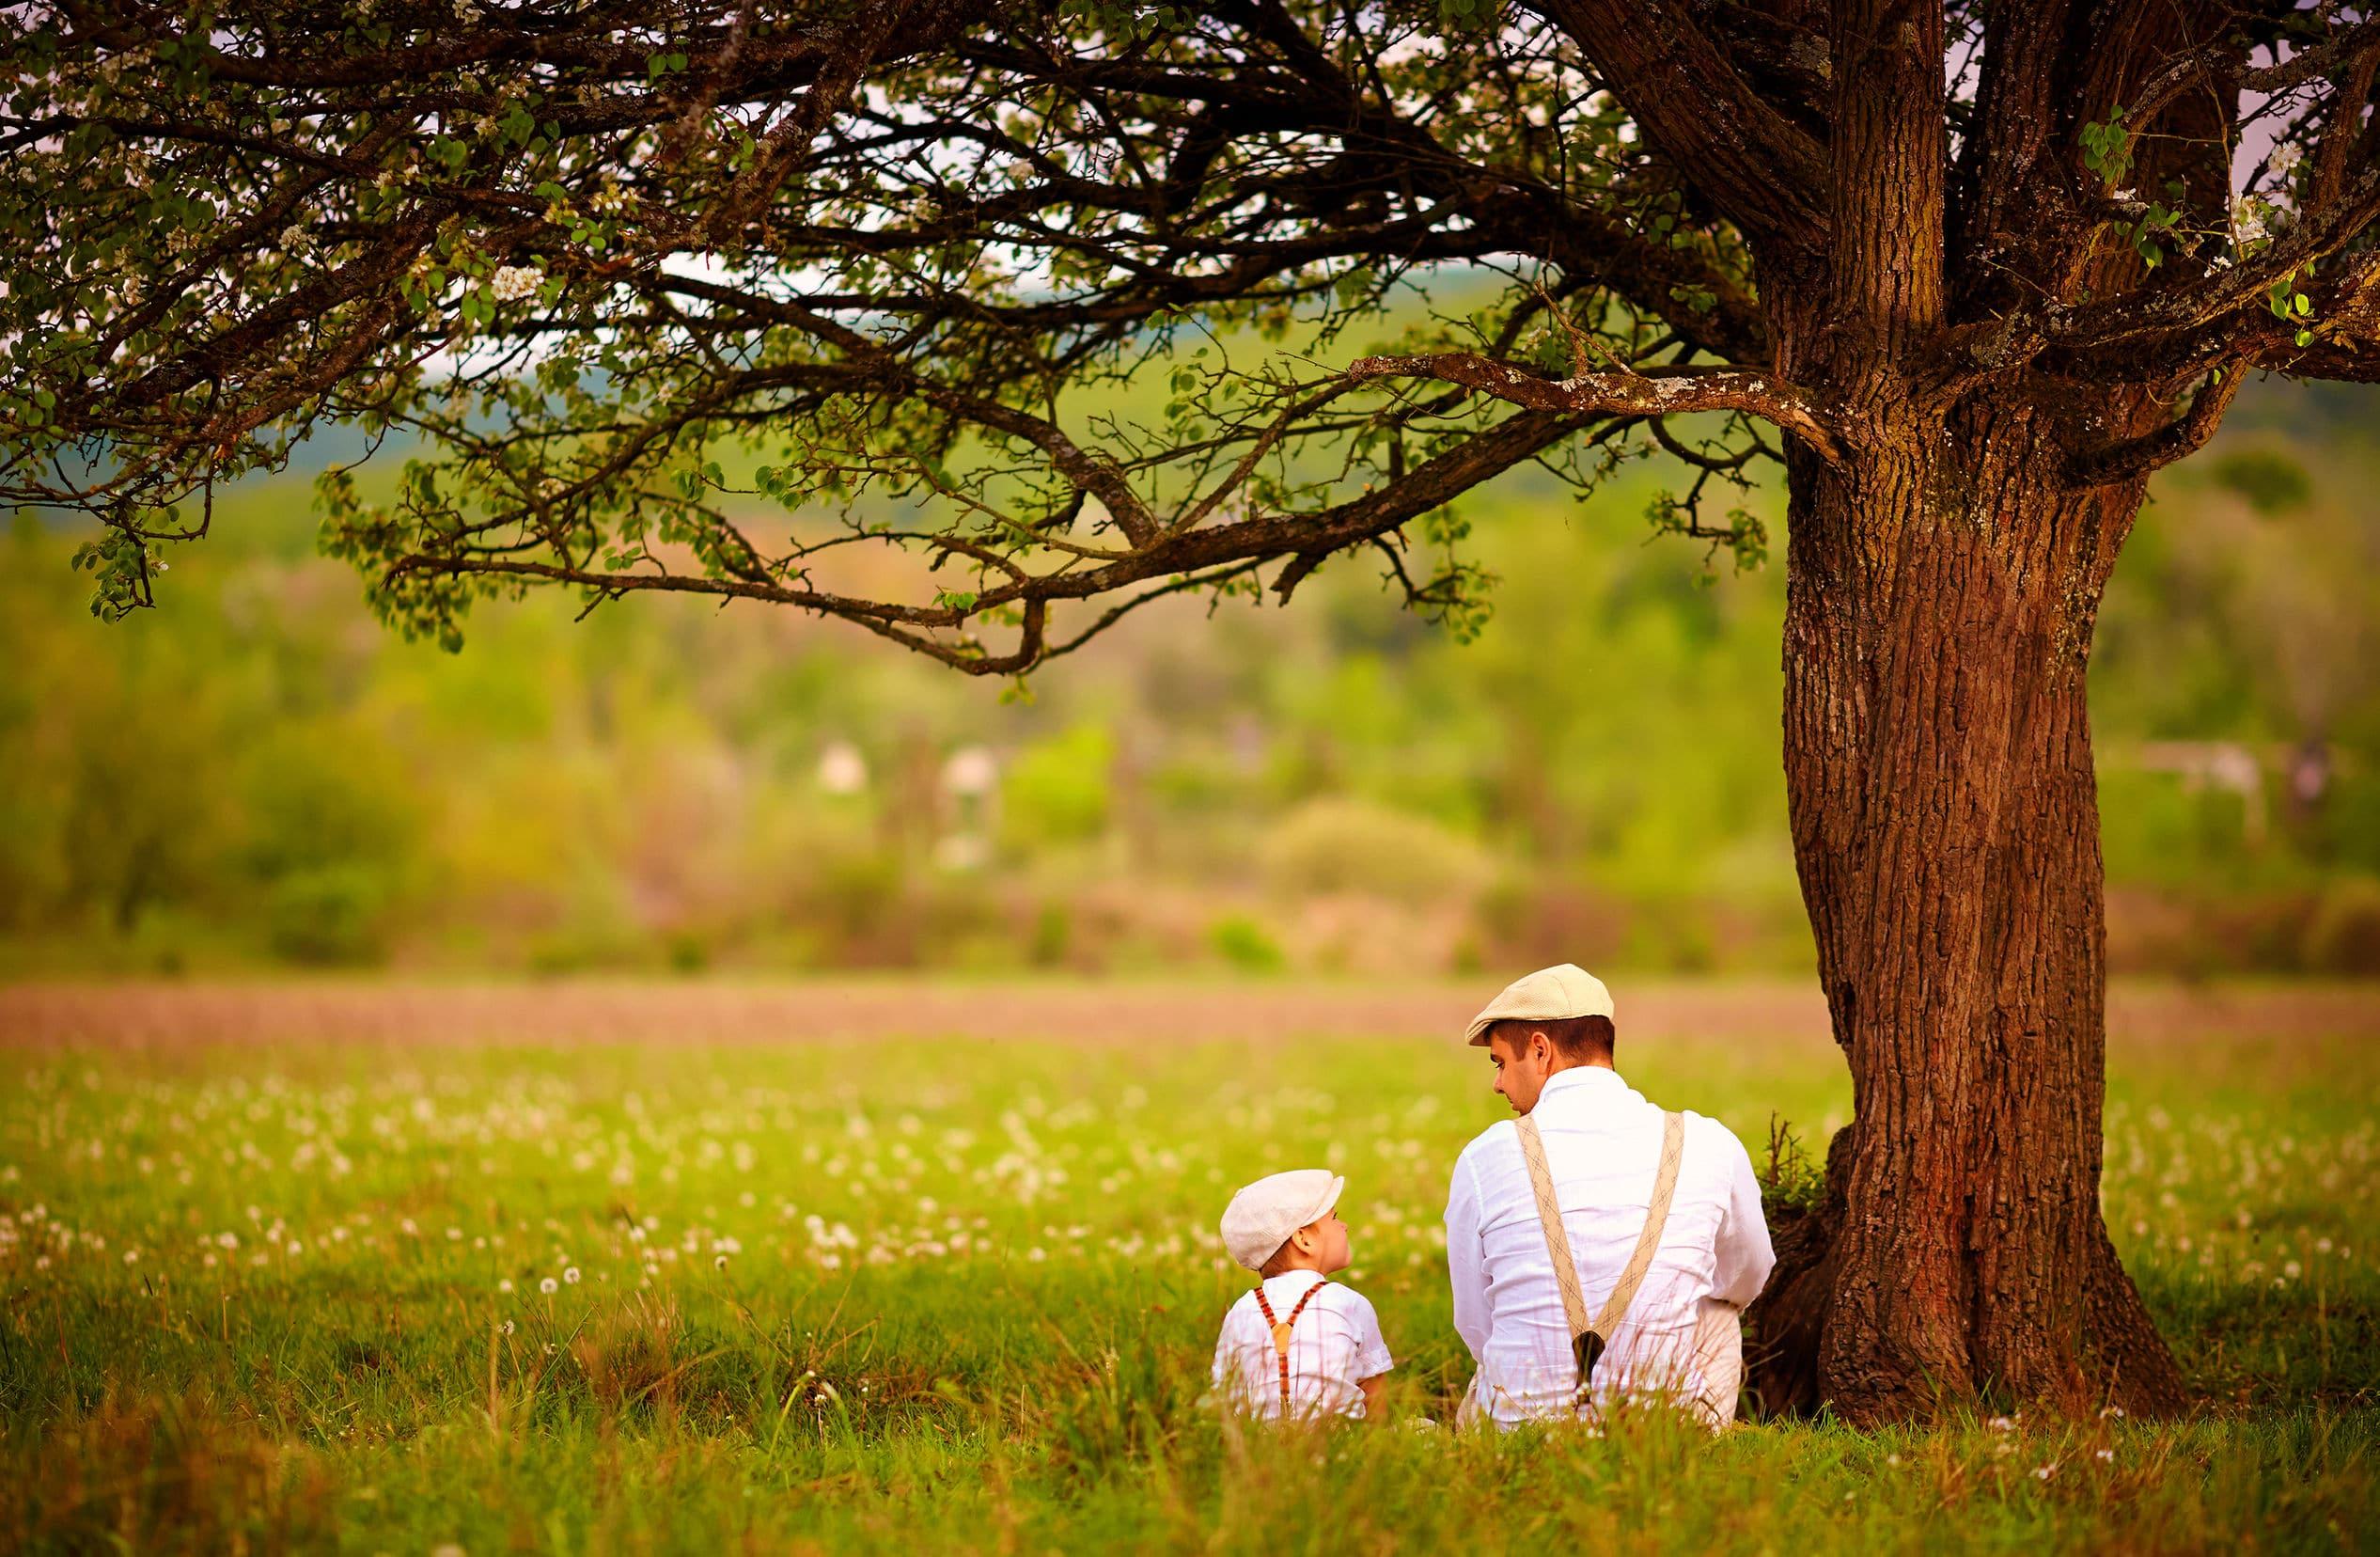 pai e filho sentado debaixo da árvore no gramado da primavera